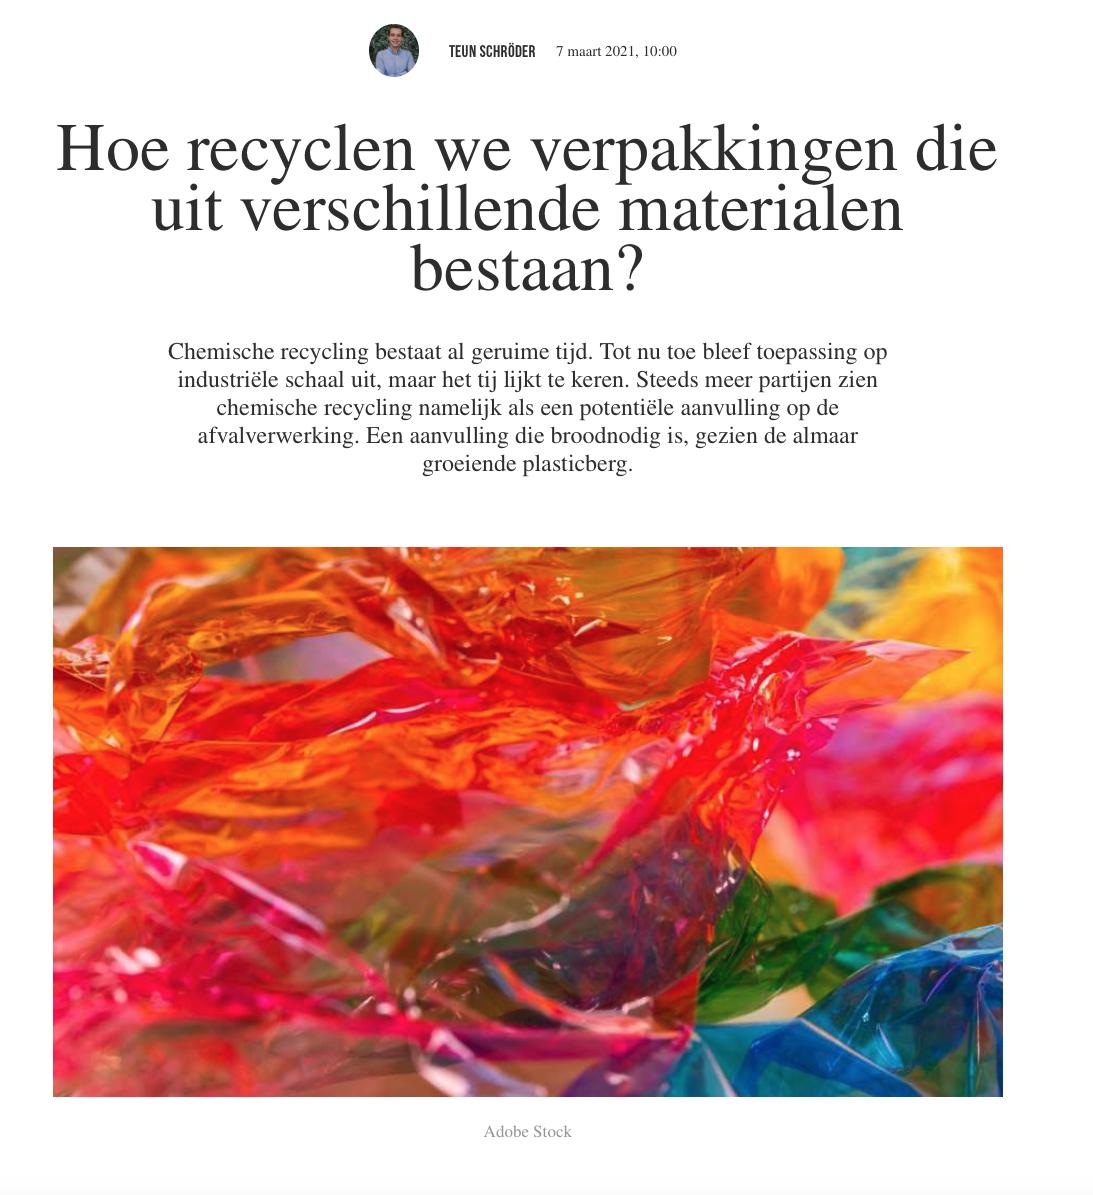 Hoe recycleren we verpakkingen?